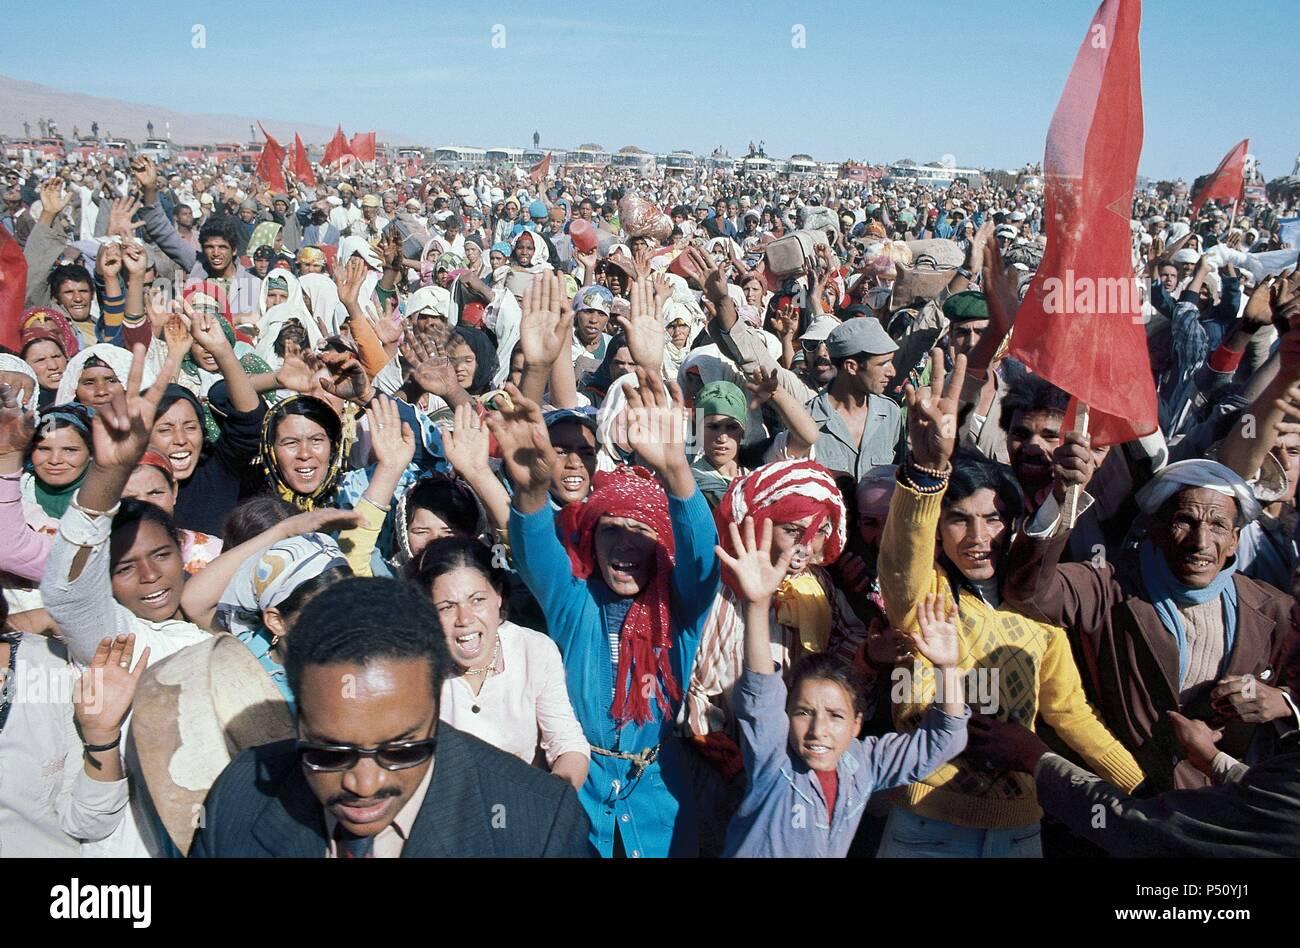 'MARCHA VERDE'. Organizada por el rey Hassan II de Marruecos, una gran multitud de marroquíes marcharon con el propósito de invadir el territorio del Sahara español (octubre de 1975) . - Stock Image